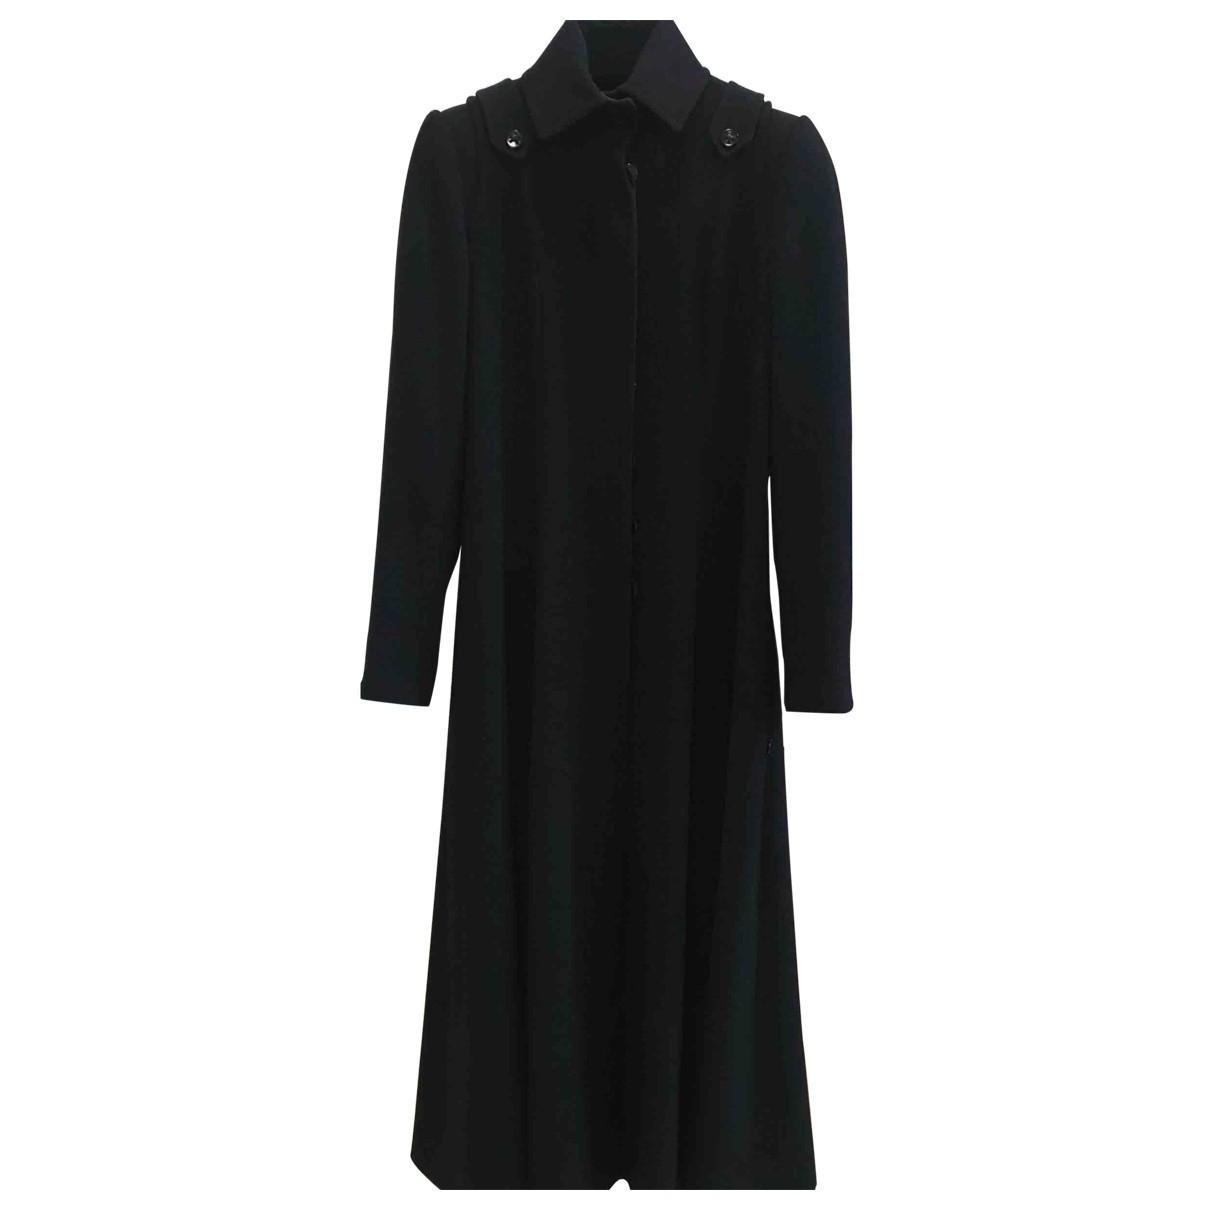 Chanel \N Black Wool coat for Women 36 FR